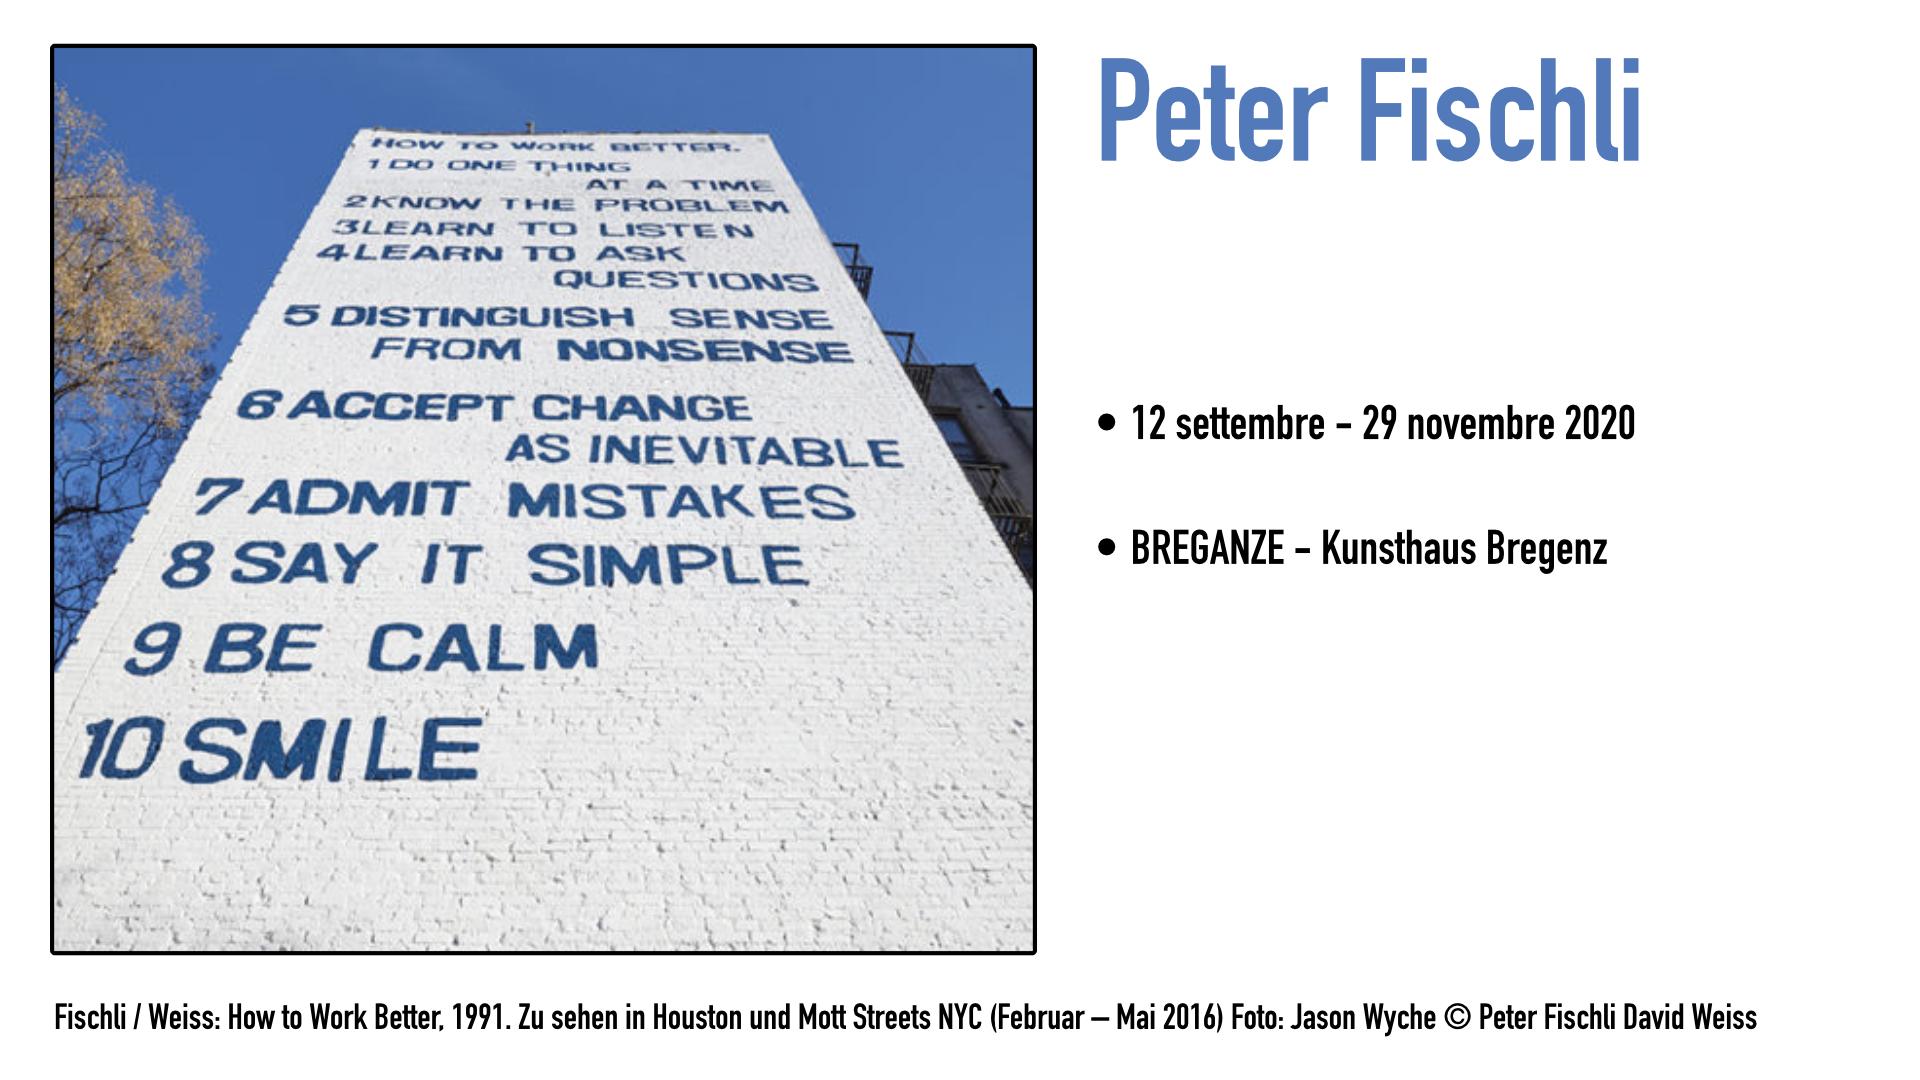 Fischli / Weiss: How to Work Better, 1991. Zu sehen in Houston und Mott Streets NYC (Februar – Mai 2016) Foto: Jason Wyche © Peter Fischli David Weiss